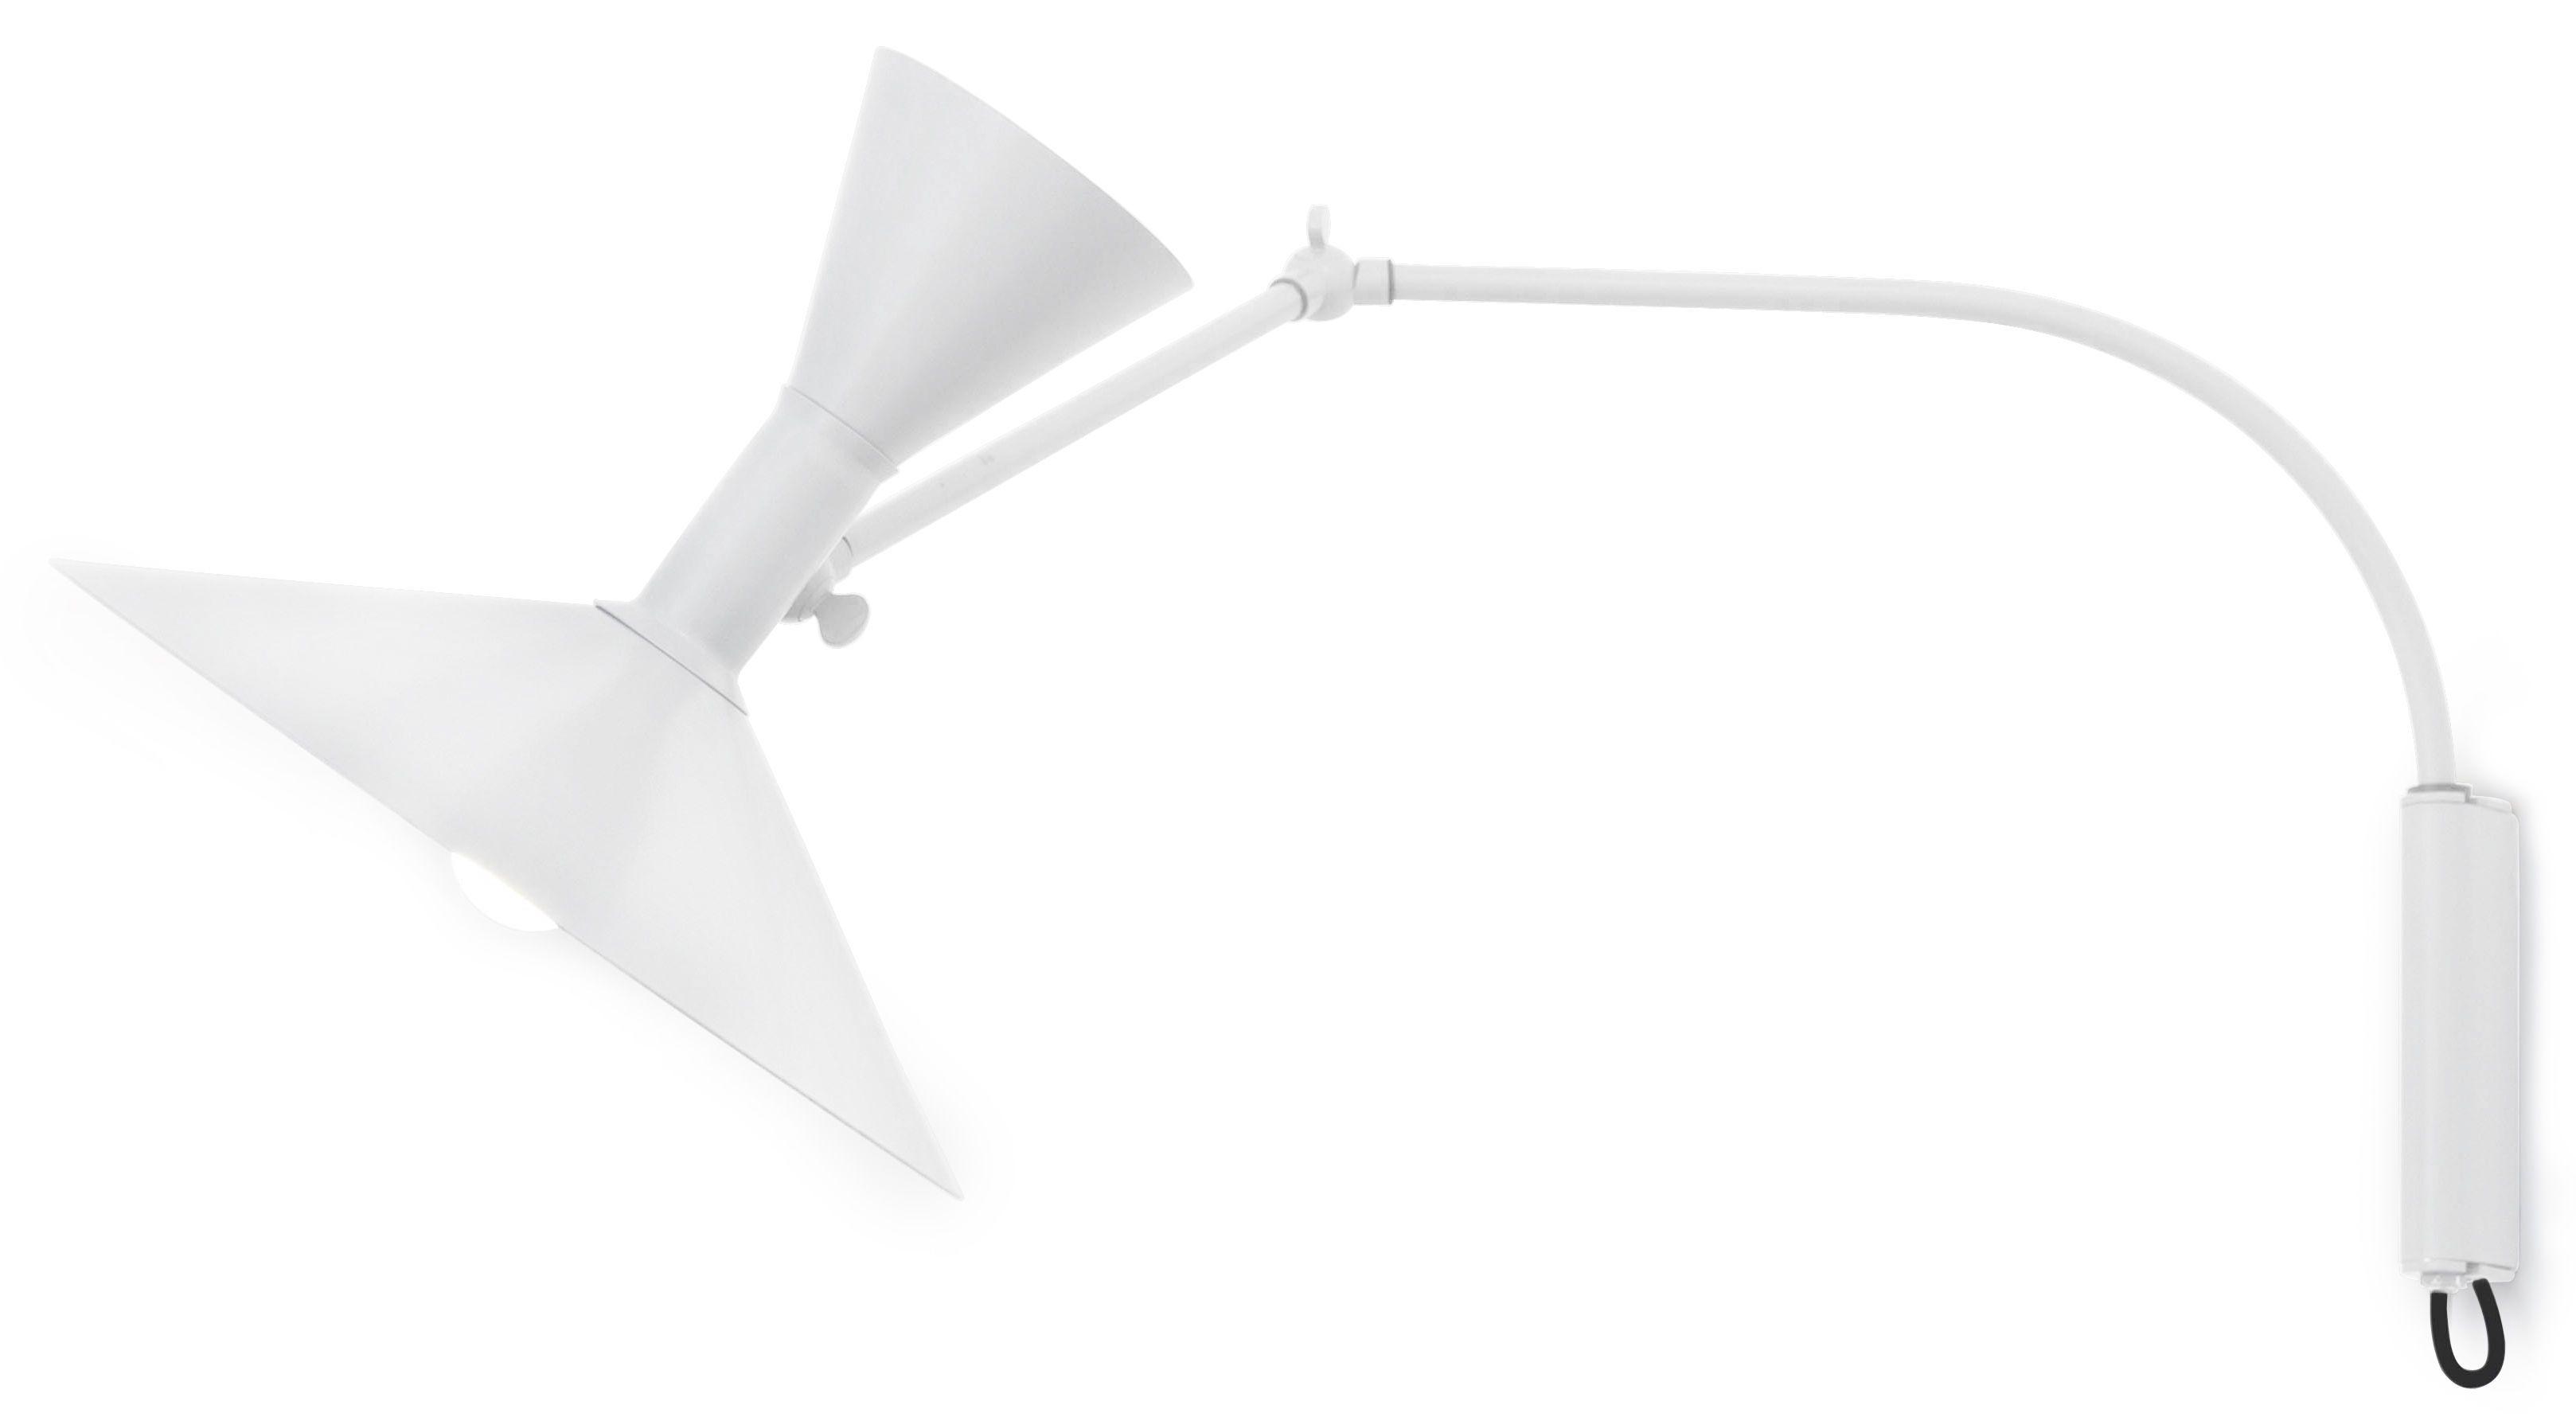 Mini By Le 85 Applique Corbusier Avec Prise L Marseille Lampe De tQhxCsrd